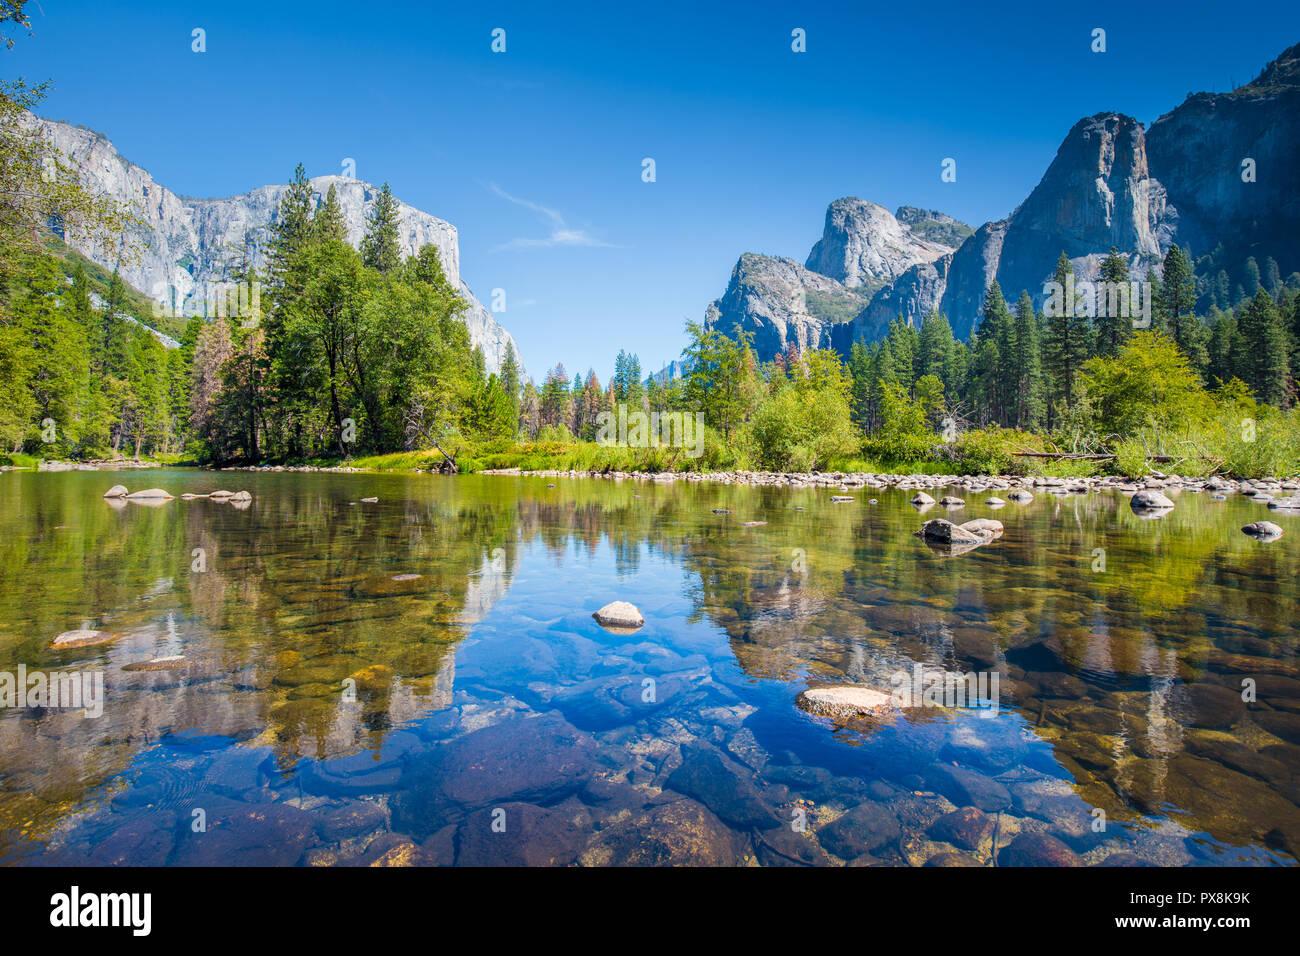 Visualizzazione classica di scenic Yosemite Valley con il famoso El Capitan arrampicata su roccia vertice e idilliaco fiume Merced in una giornata di sole con cielo blu e nuvole Immagini Stock